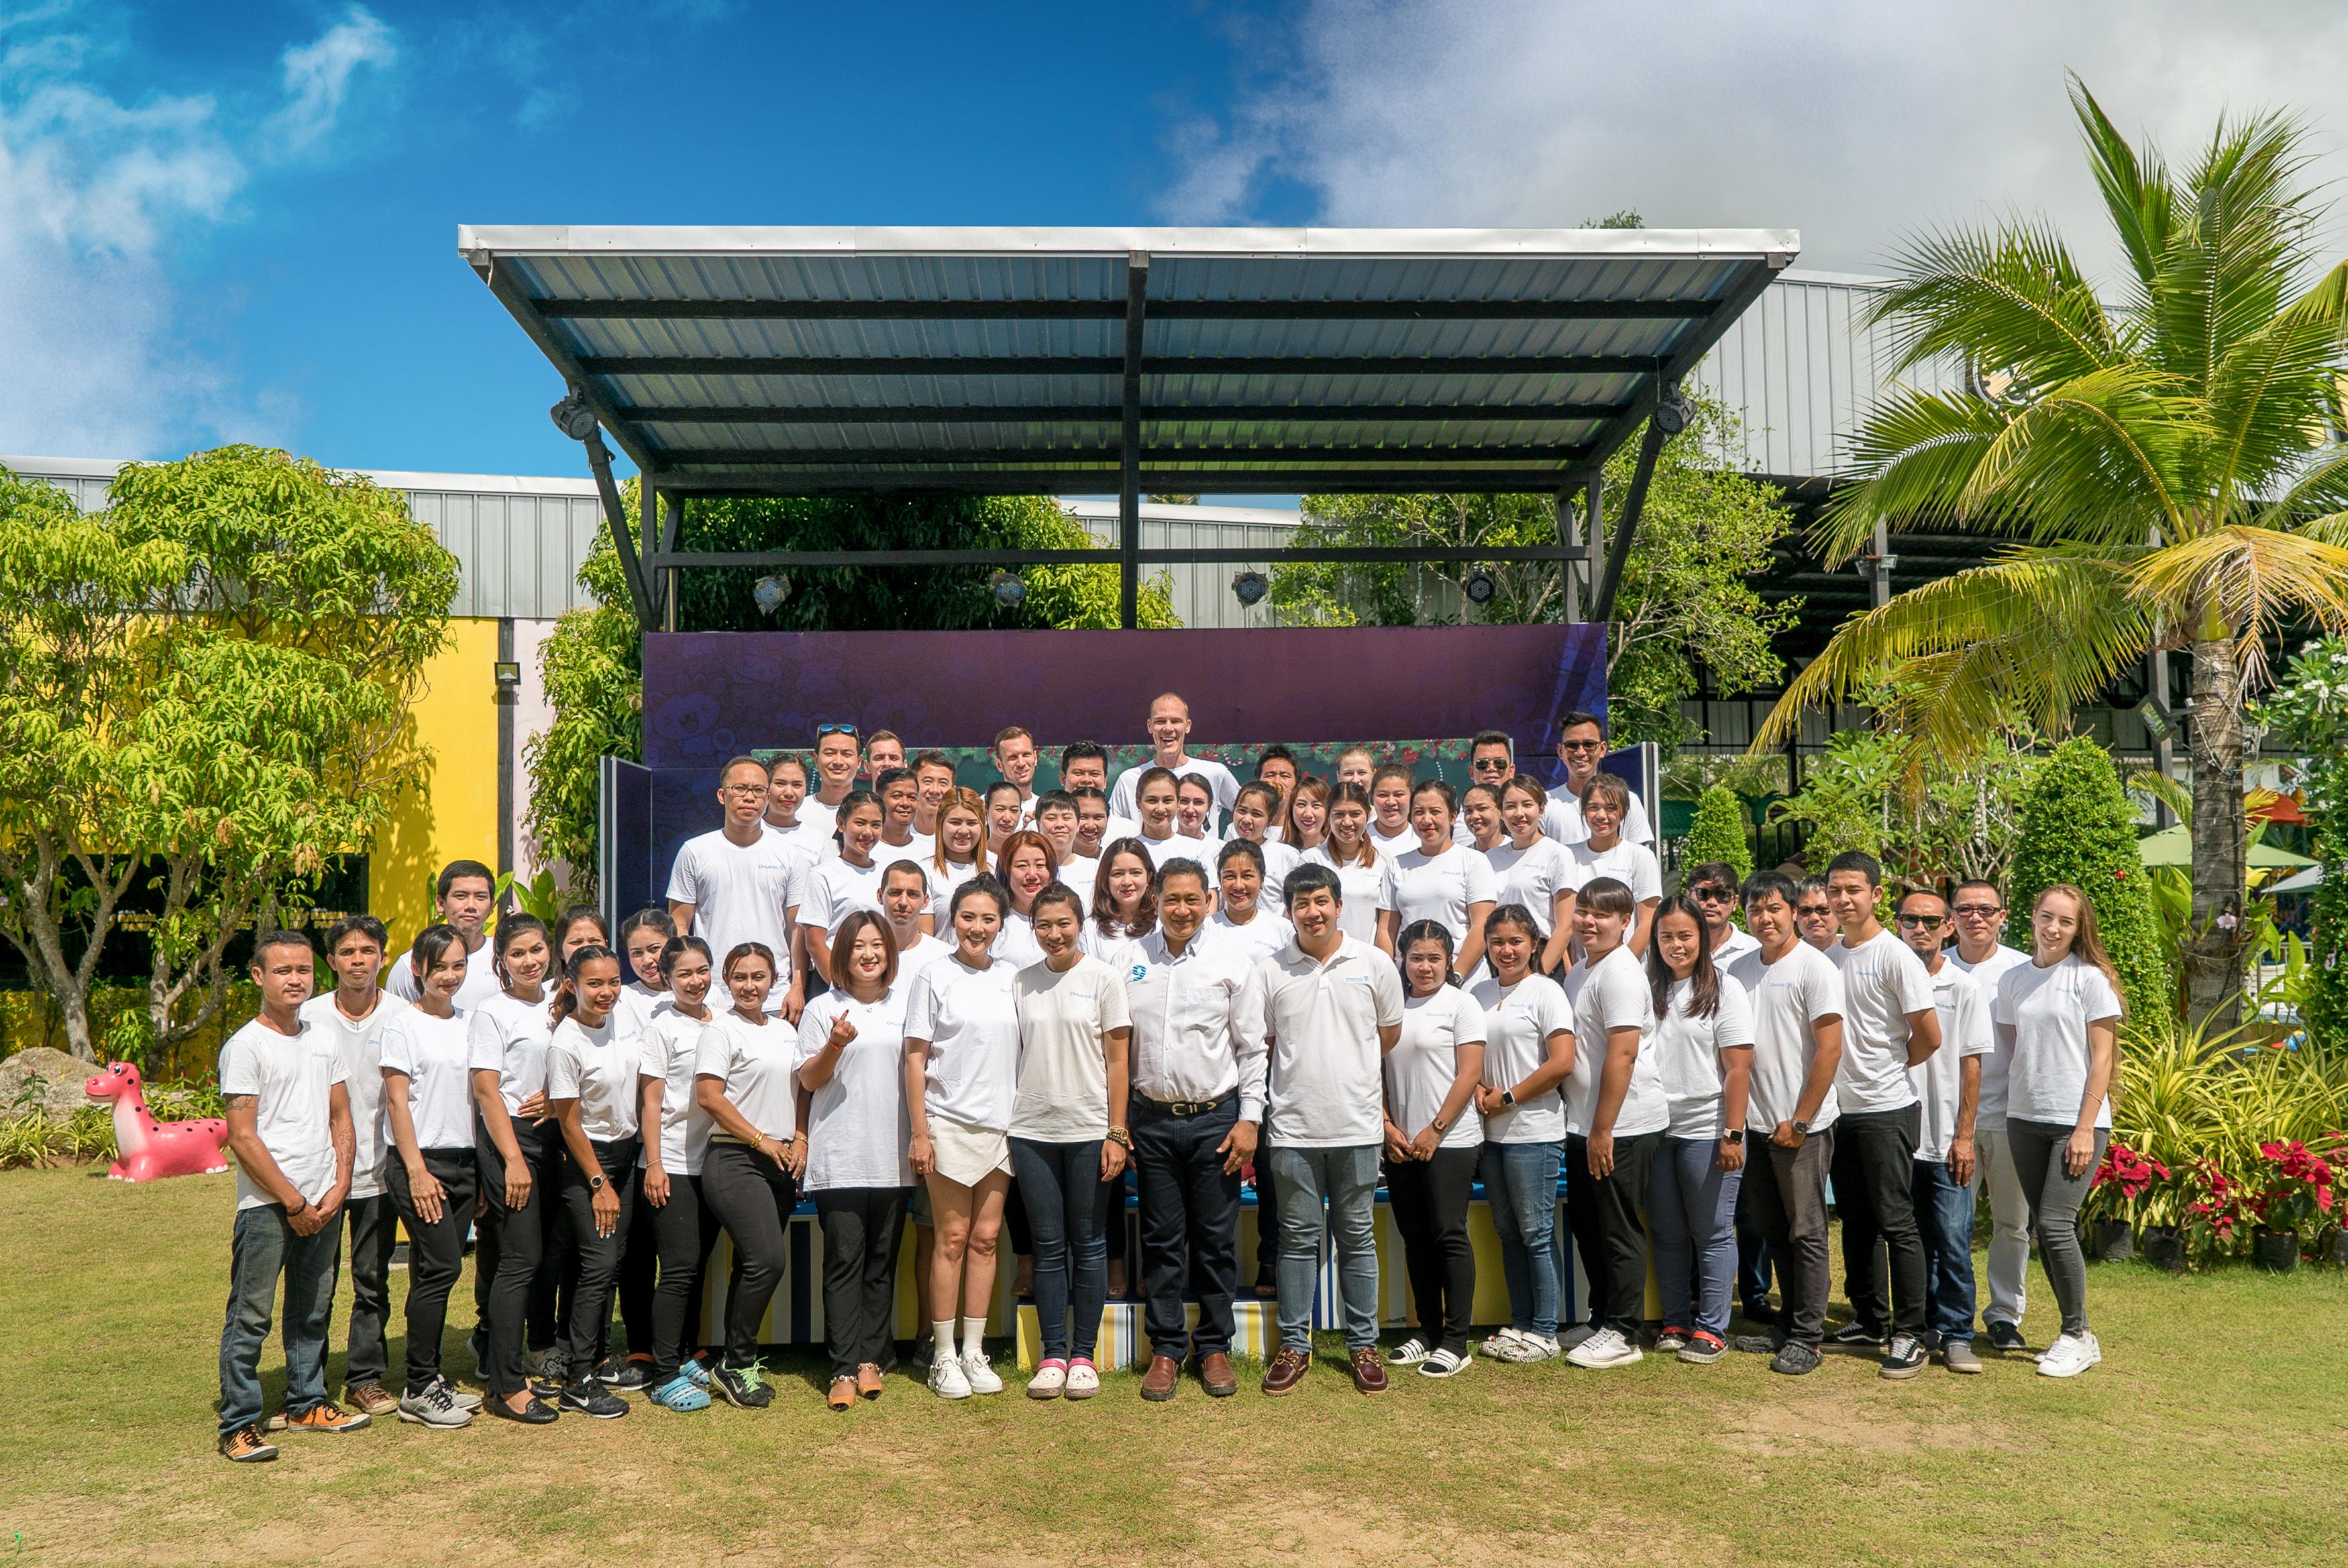 phuket9 company thailand story